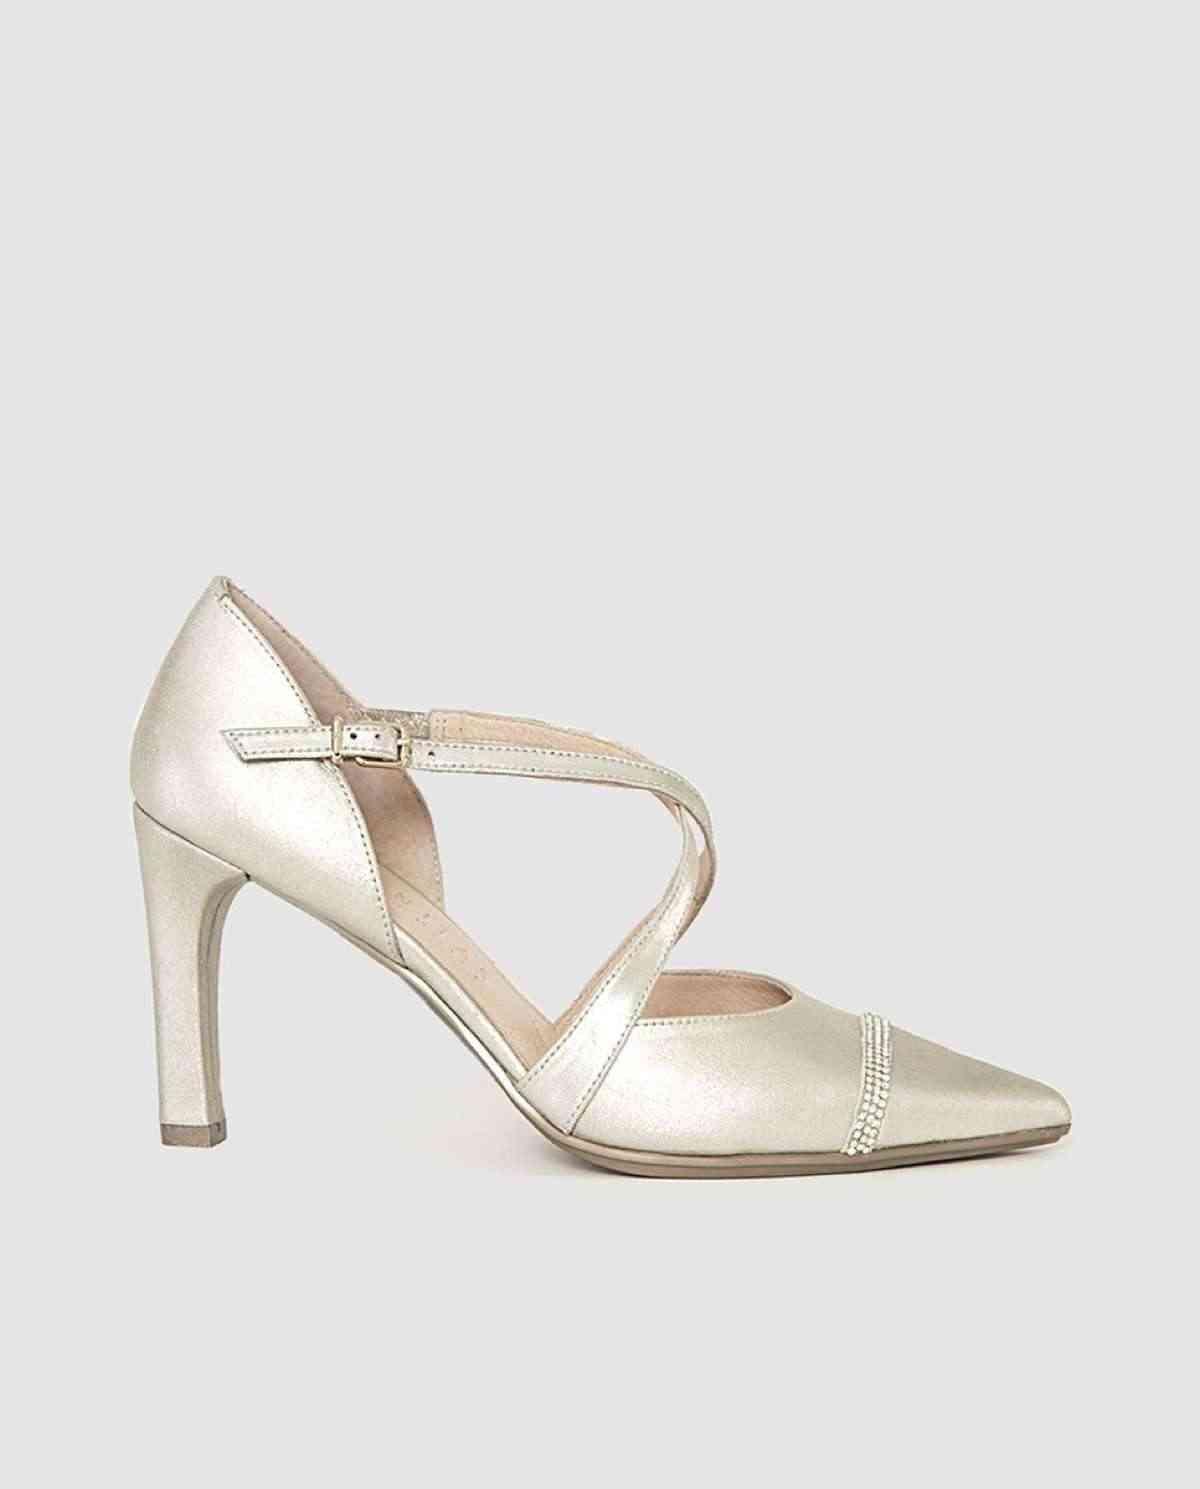 9783cd67d2d1 zapatos de novia el corte ingles - Amor, bodas y regalos de boda